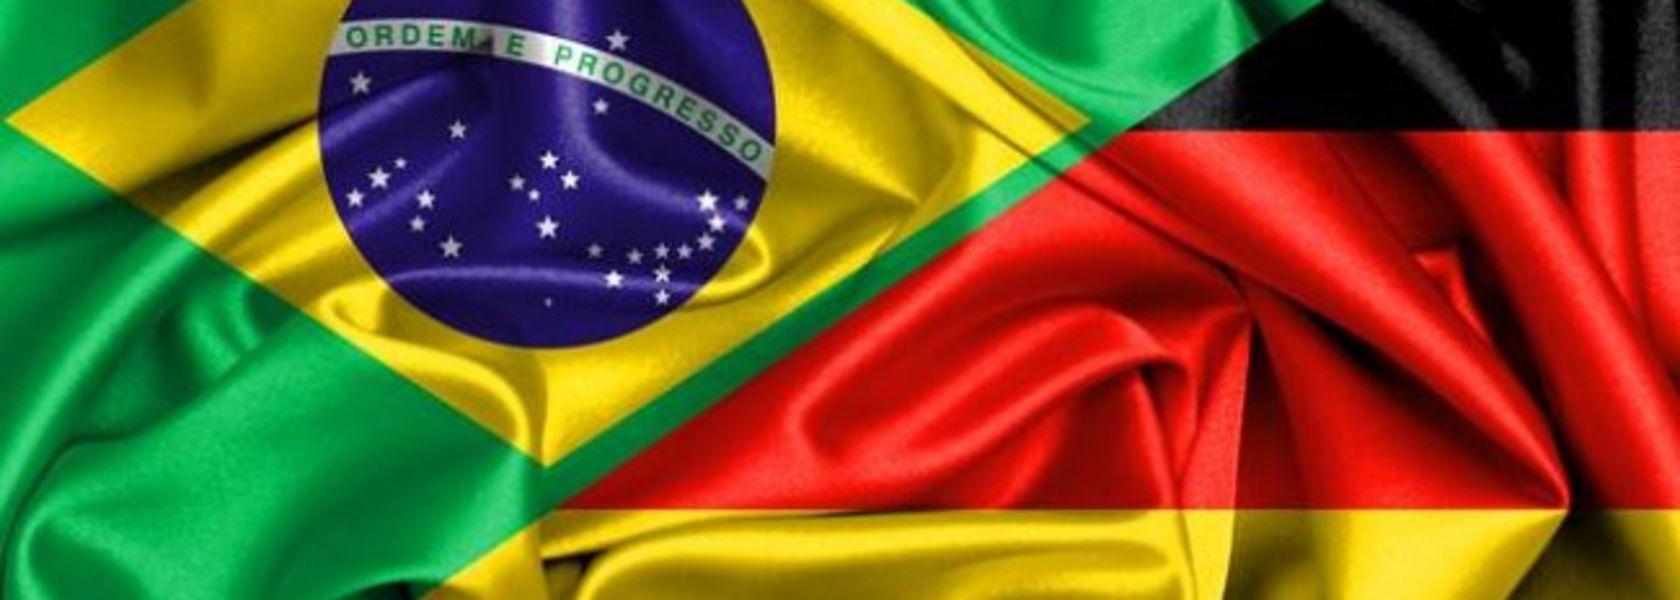 Notícias de Mineração Brasil - Câmara Brasil Alemanha Lança Guia De  Fornecedores De Mineração